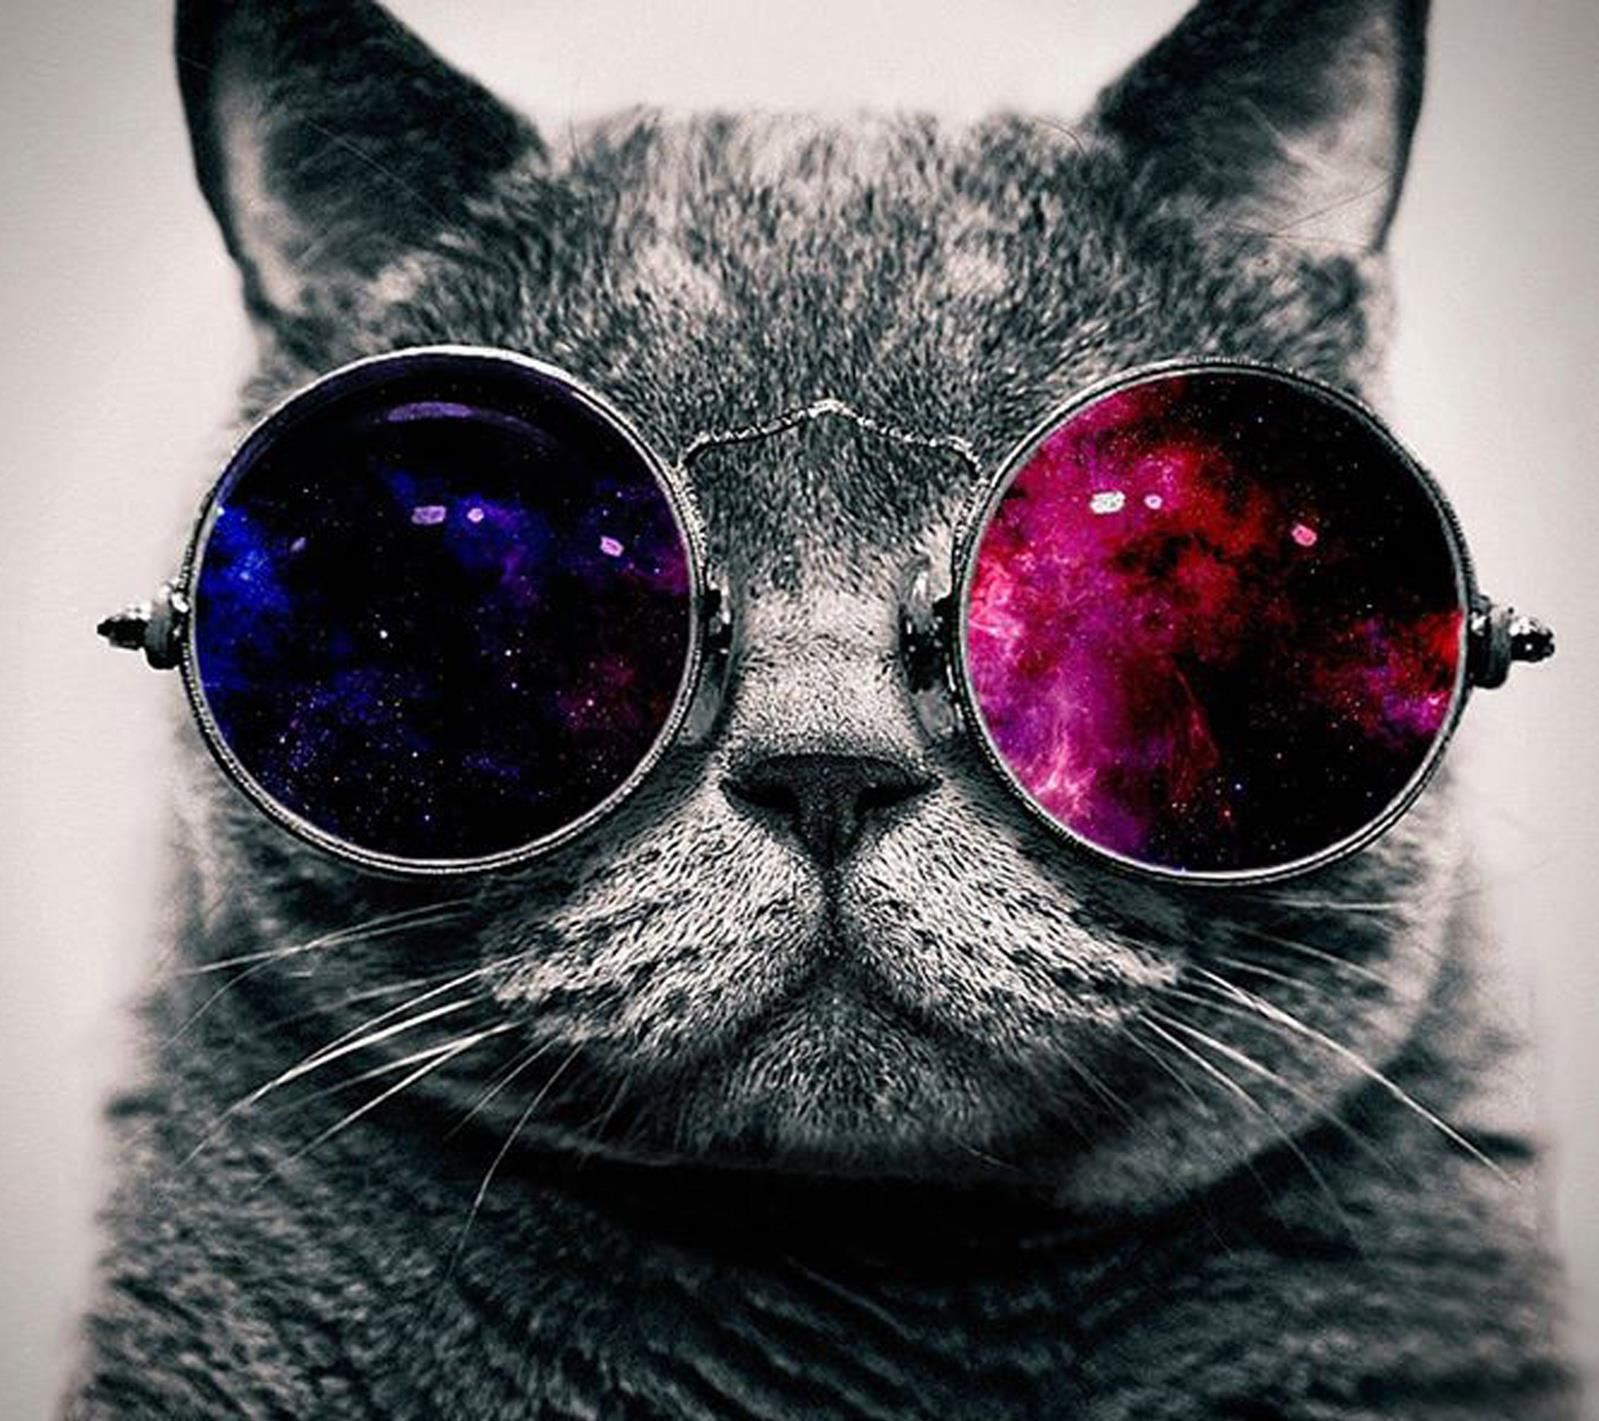 Un gatto con gli occhiali da sole - Sfondi per Android, i più belli da scaricare gratis